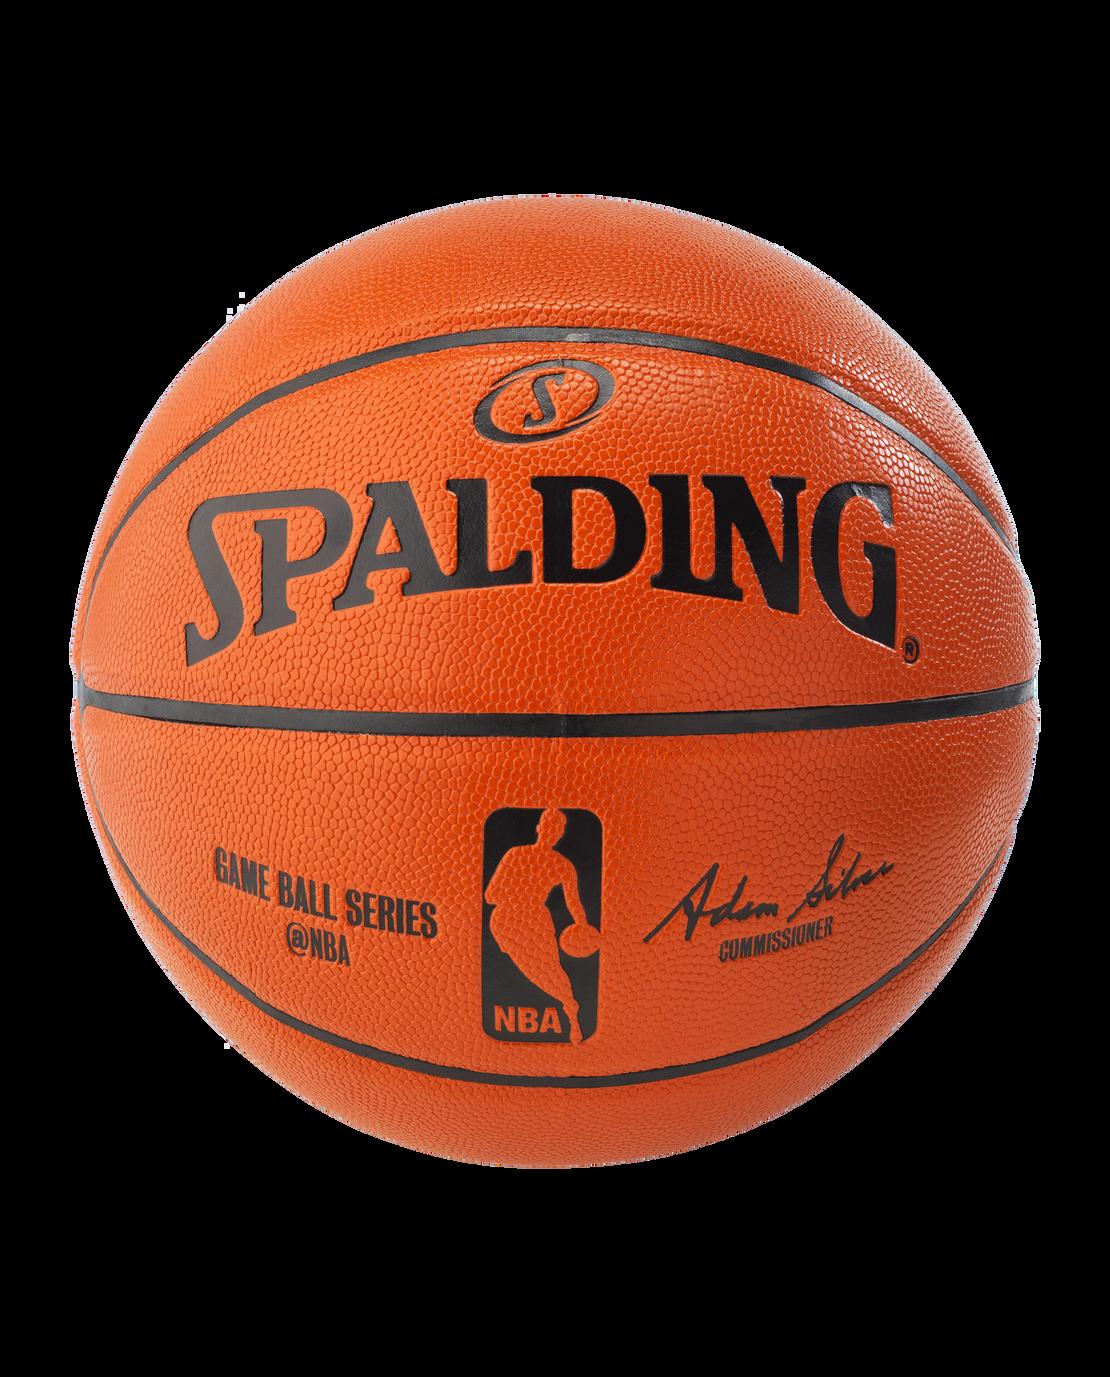 NBA REPLICA GAME BALL